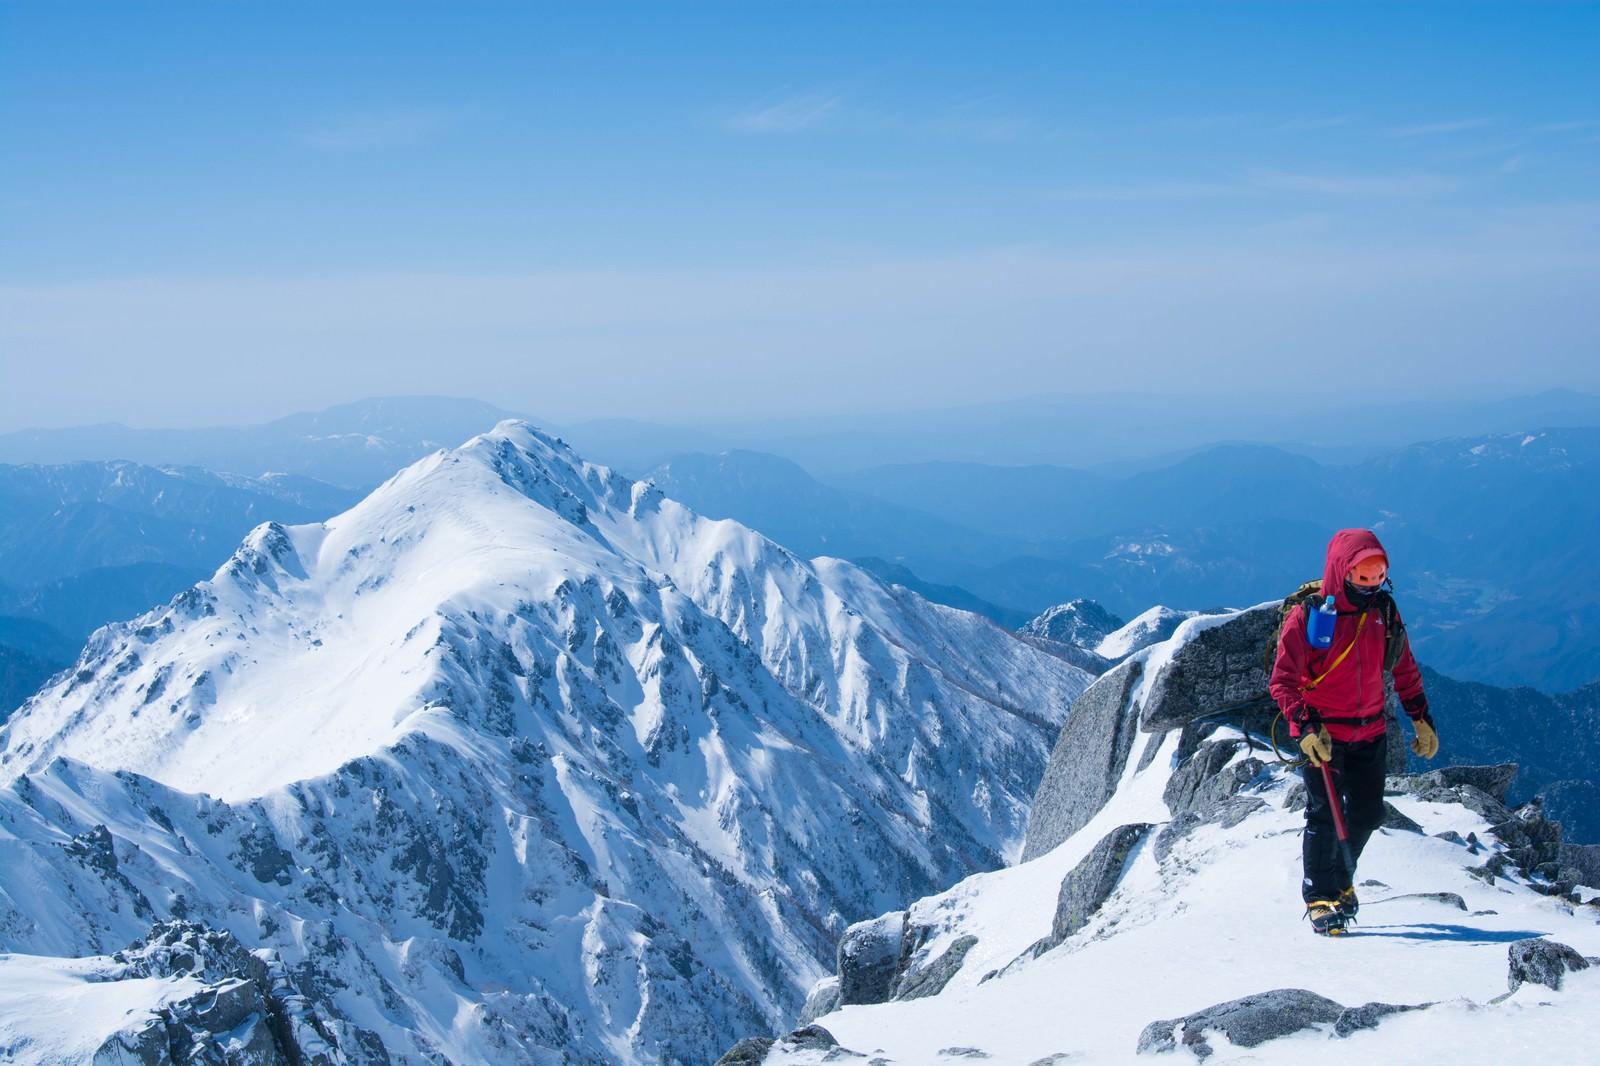 「雪山と登山者雪山と登山者」のフリー写真素材を拡大